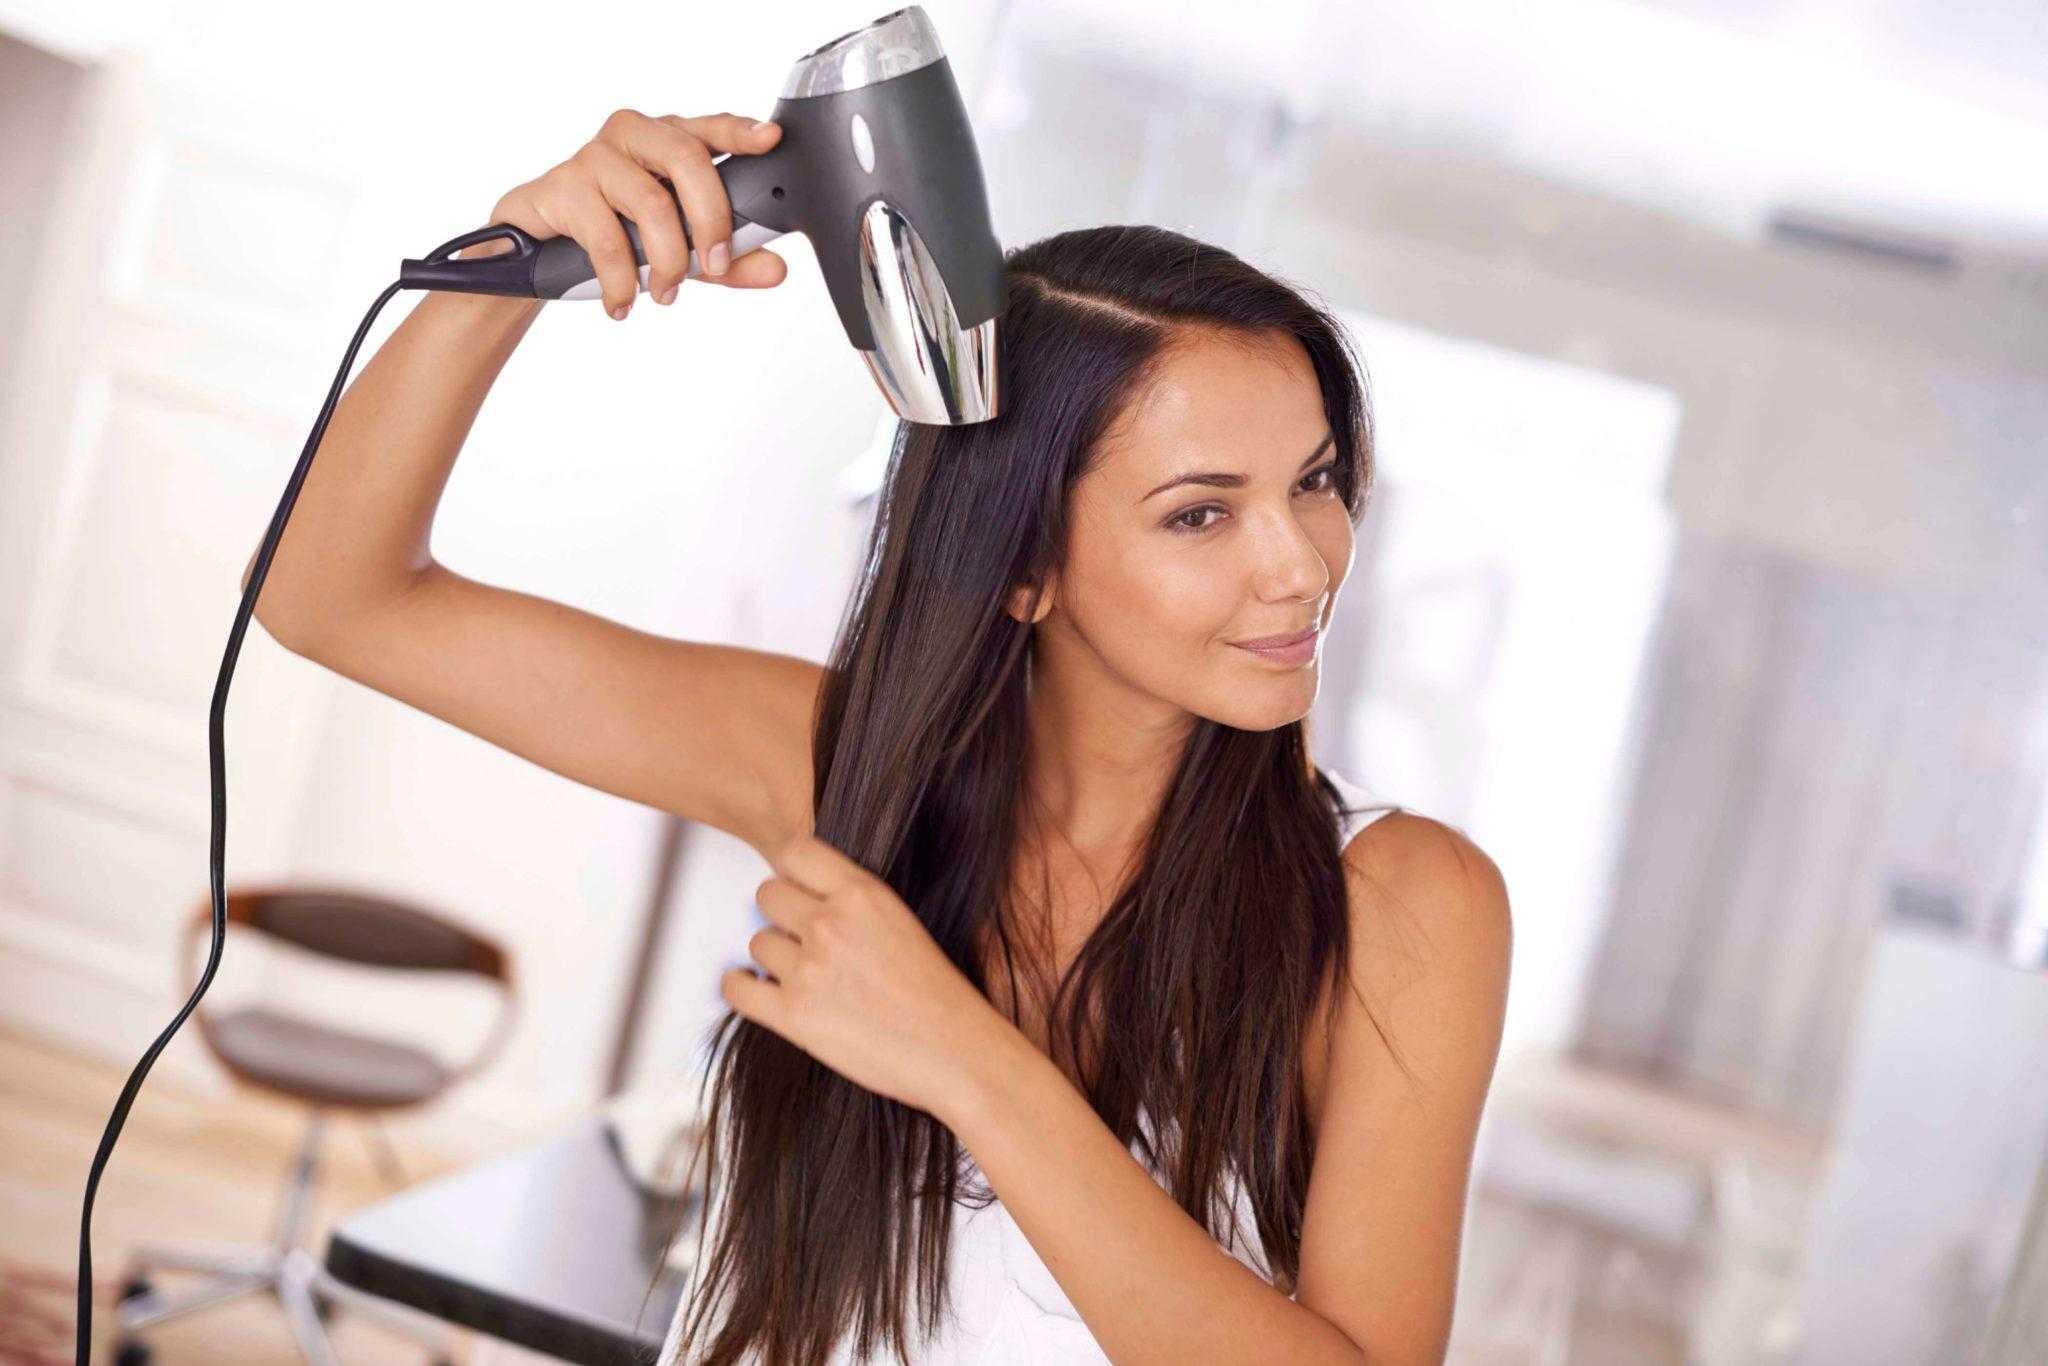 Уход за волосами в домашних условиях - как правильно ухаживать: советы и рекомендации / интернет-магазин украшений миледи